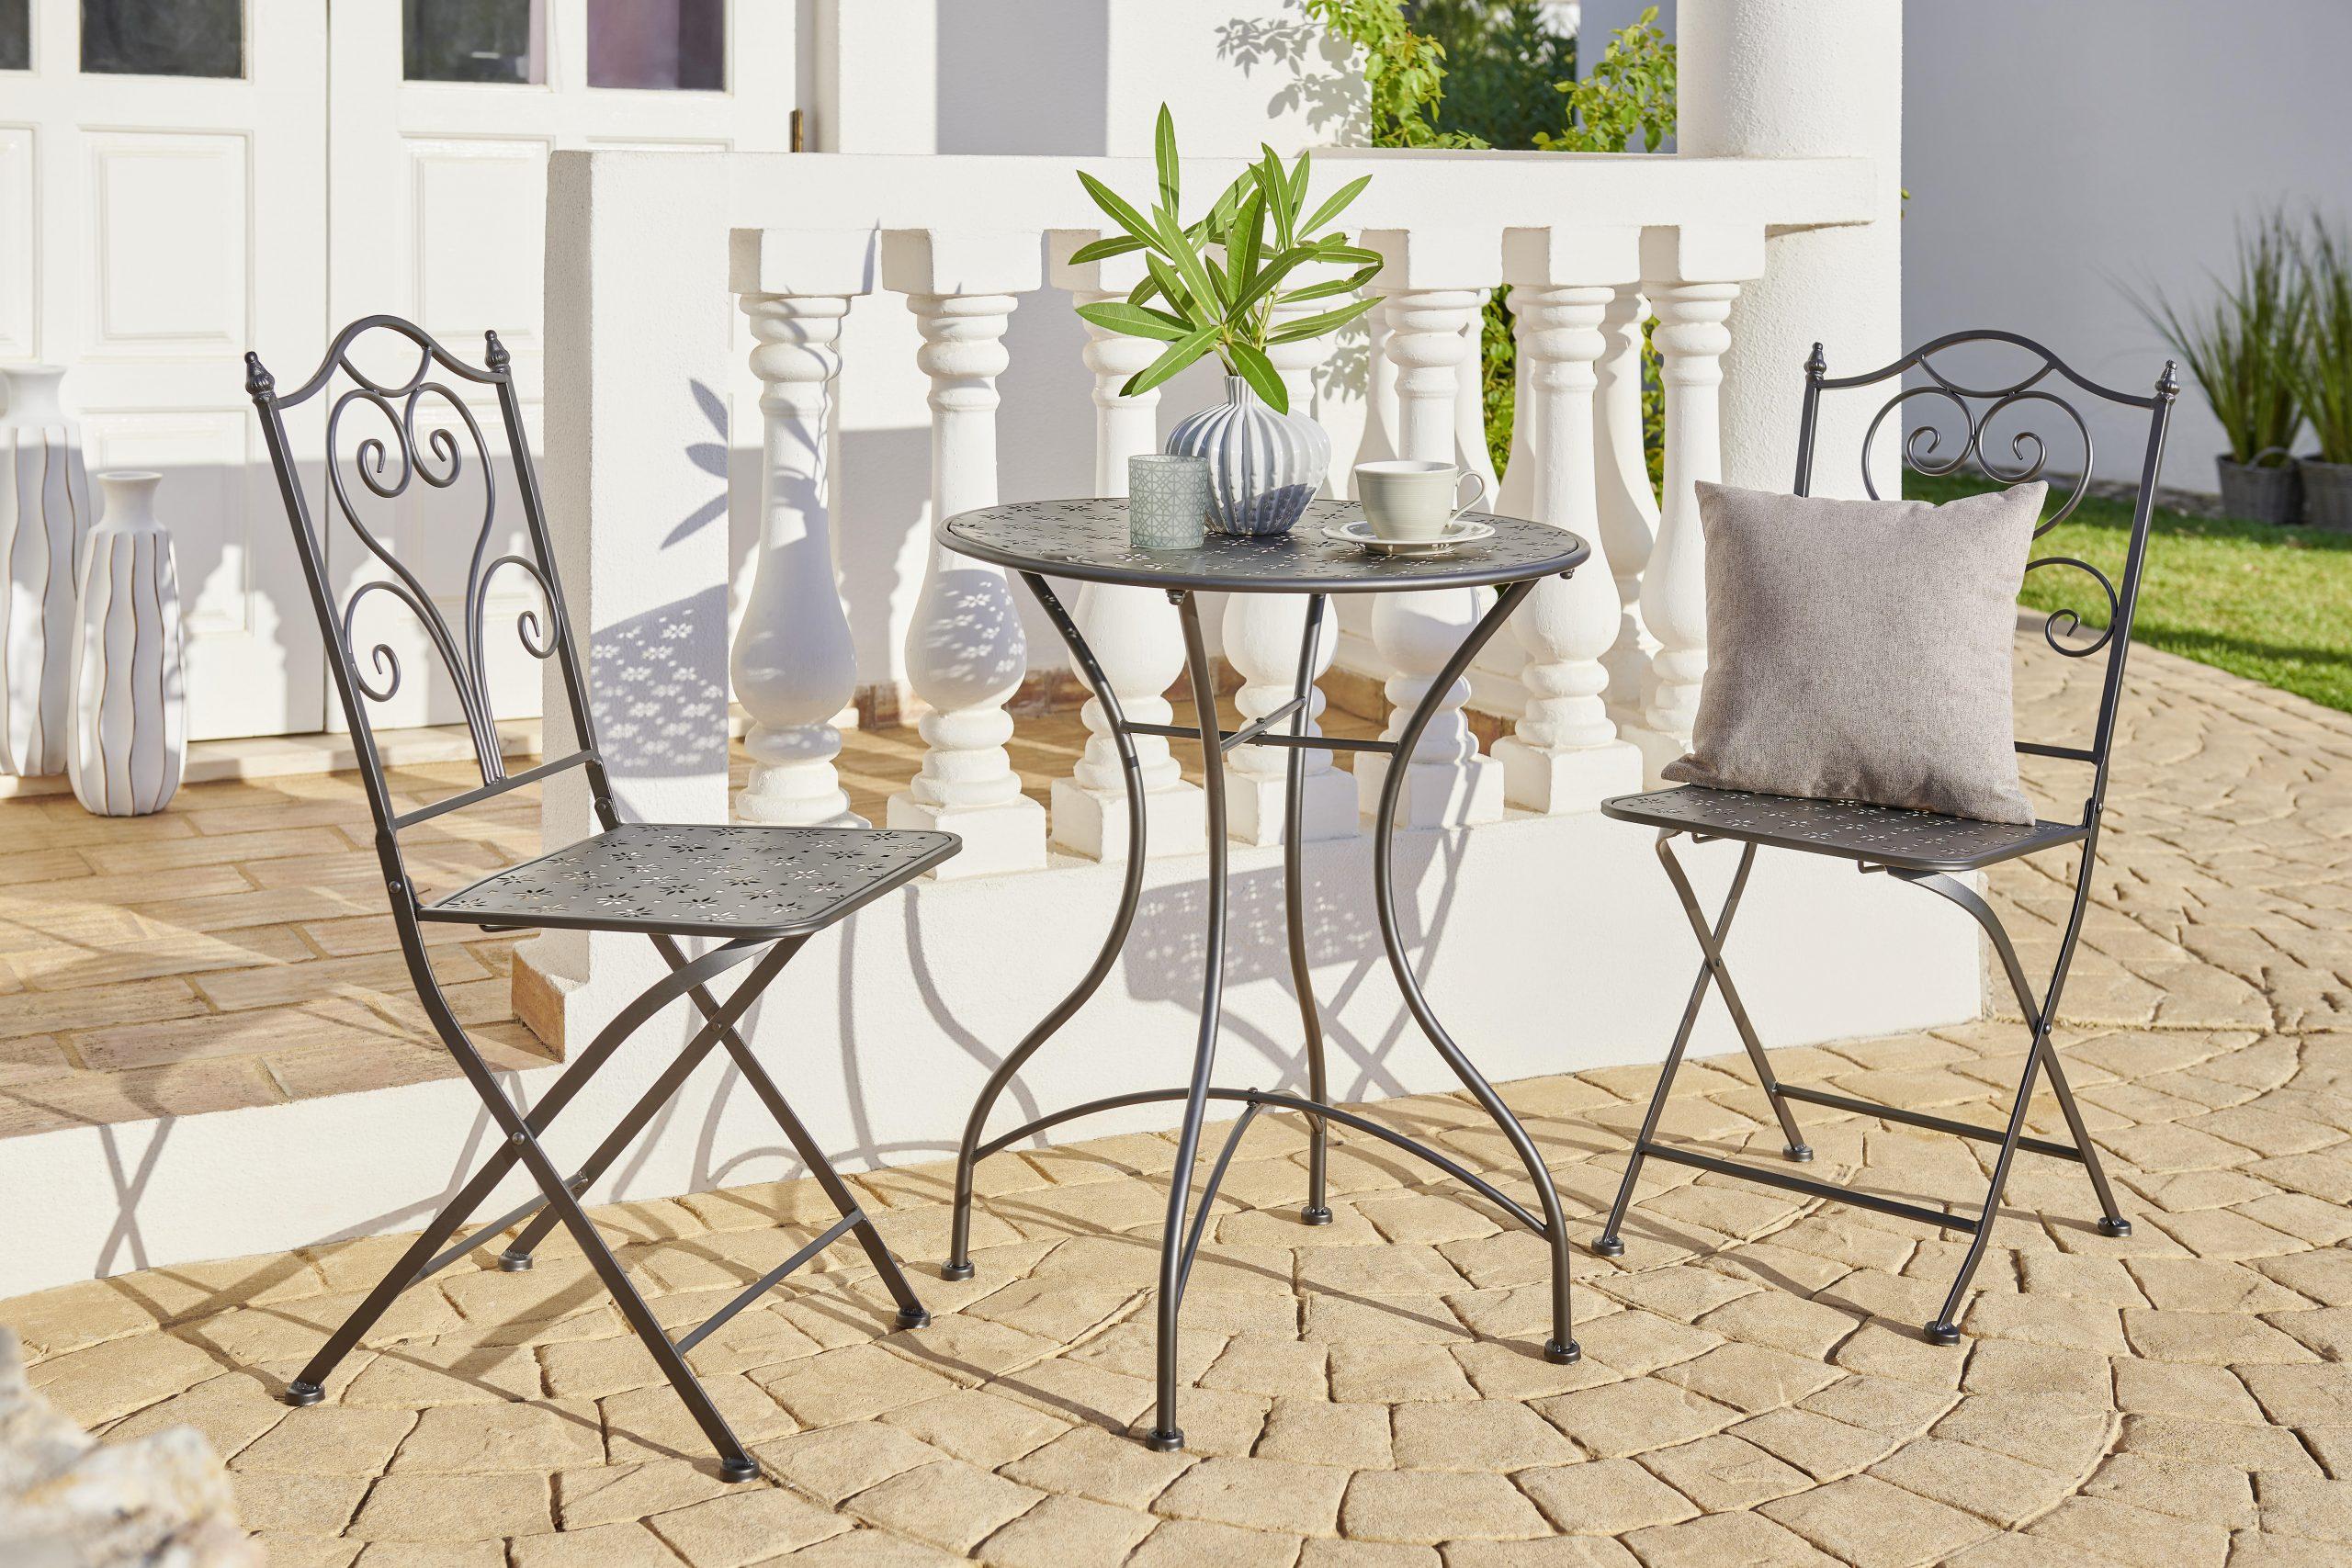 Kovinsko vrtno pohištvo - Prednosti kovinskega vrtnega pohištva